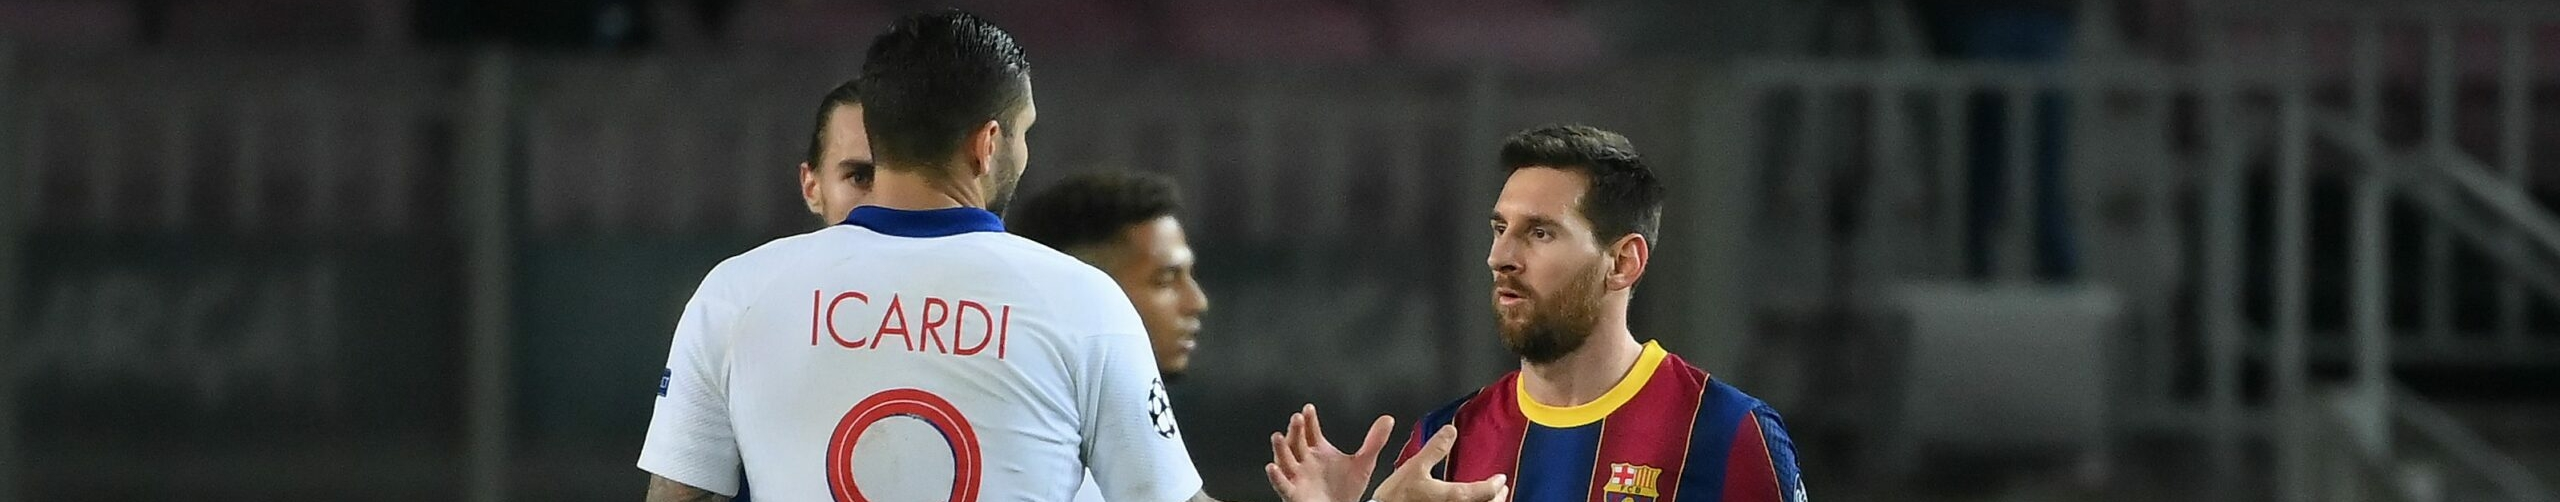 PSG-Barcellona, per i catalani stavolta la remuntada sembra davvero impossibile